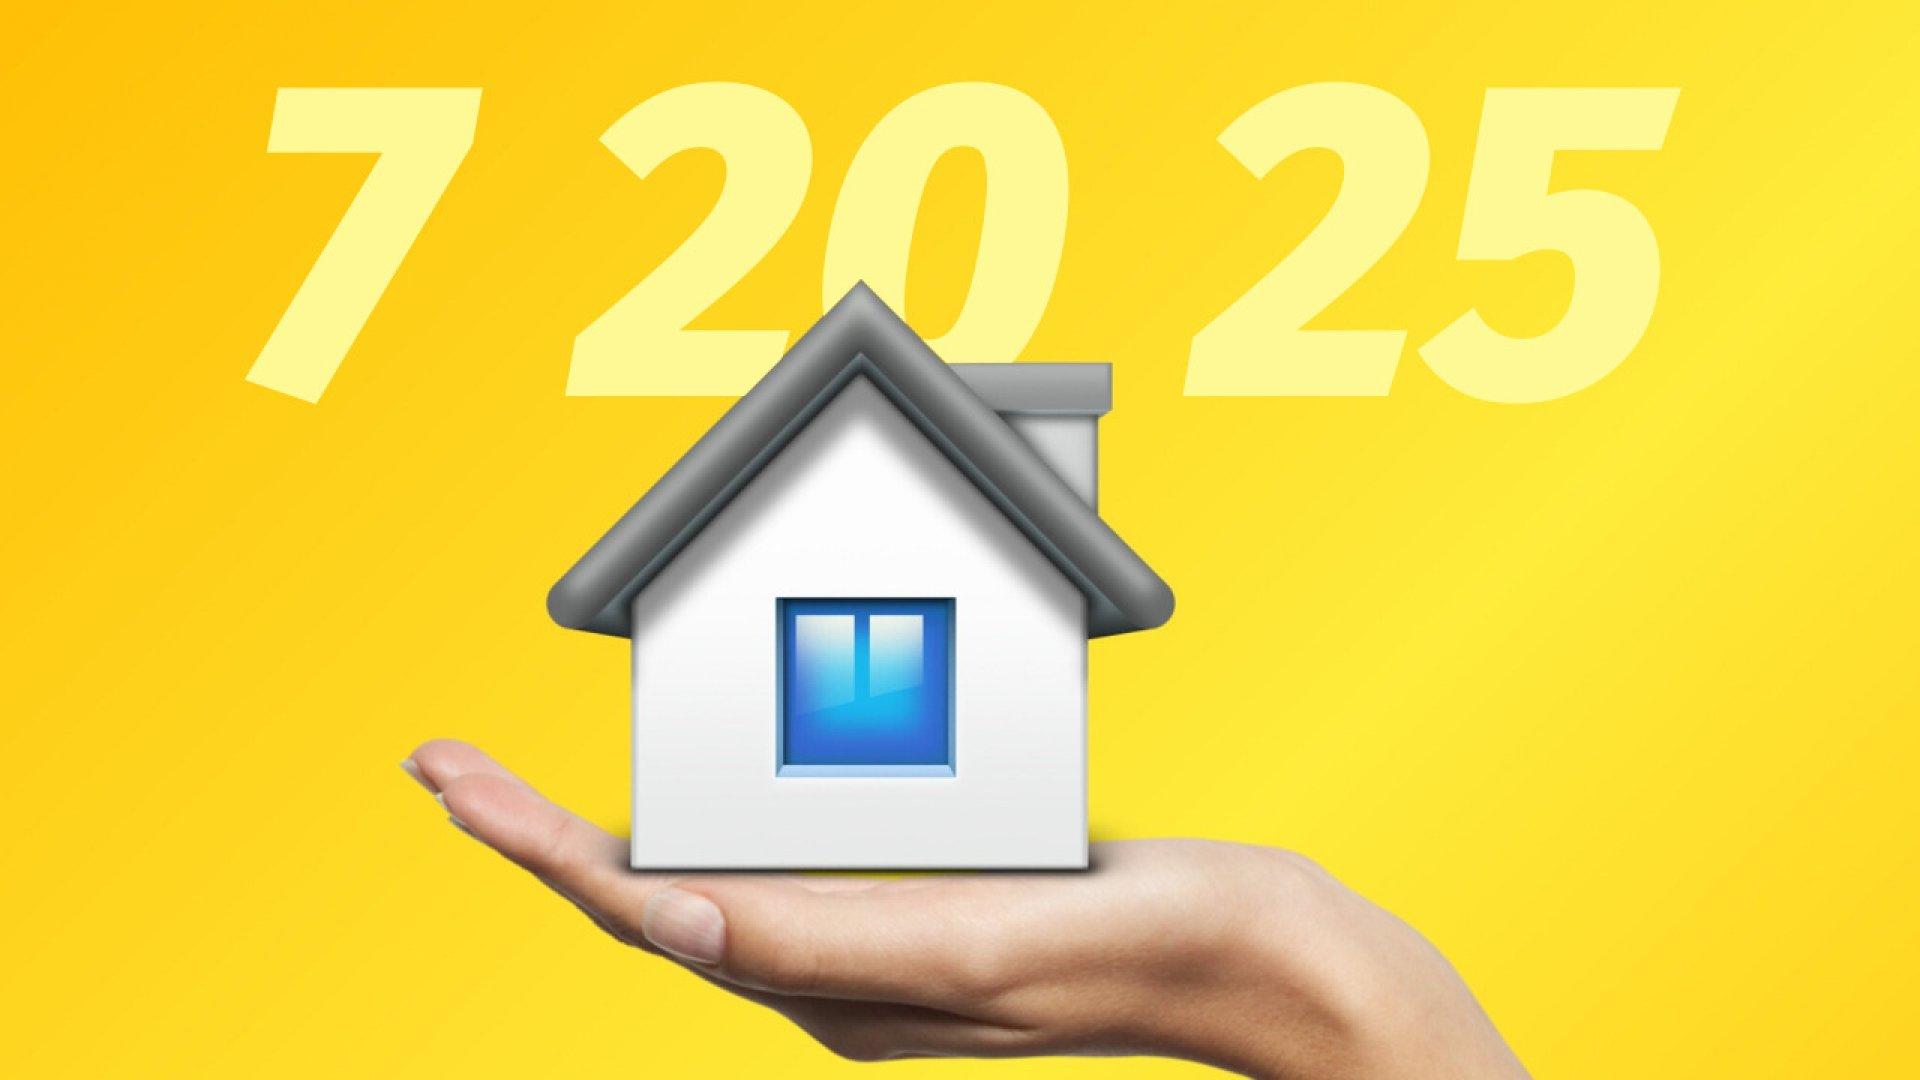 Возьму кредит под строительство дома взять 100 т рублей в кредит